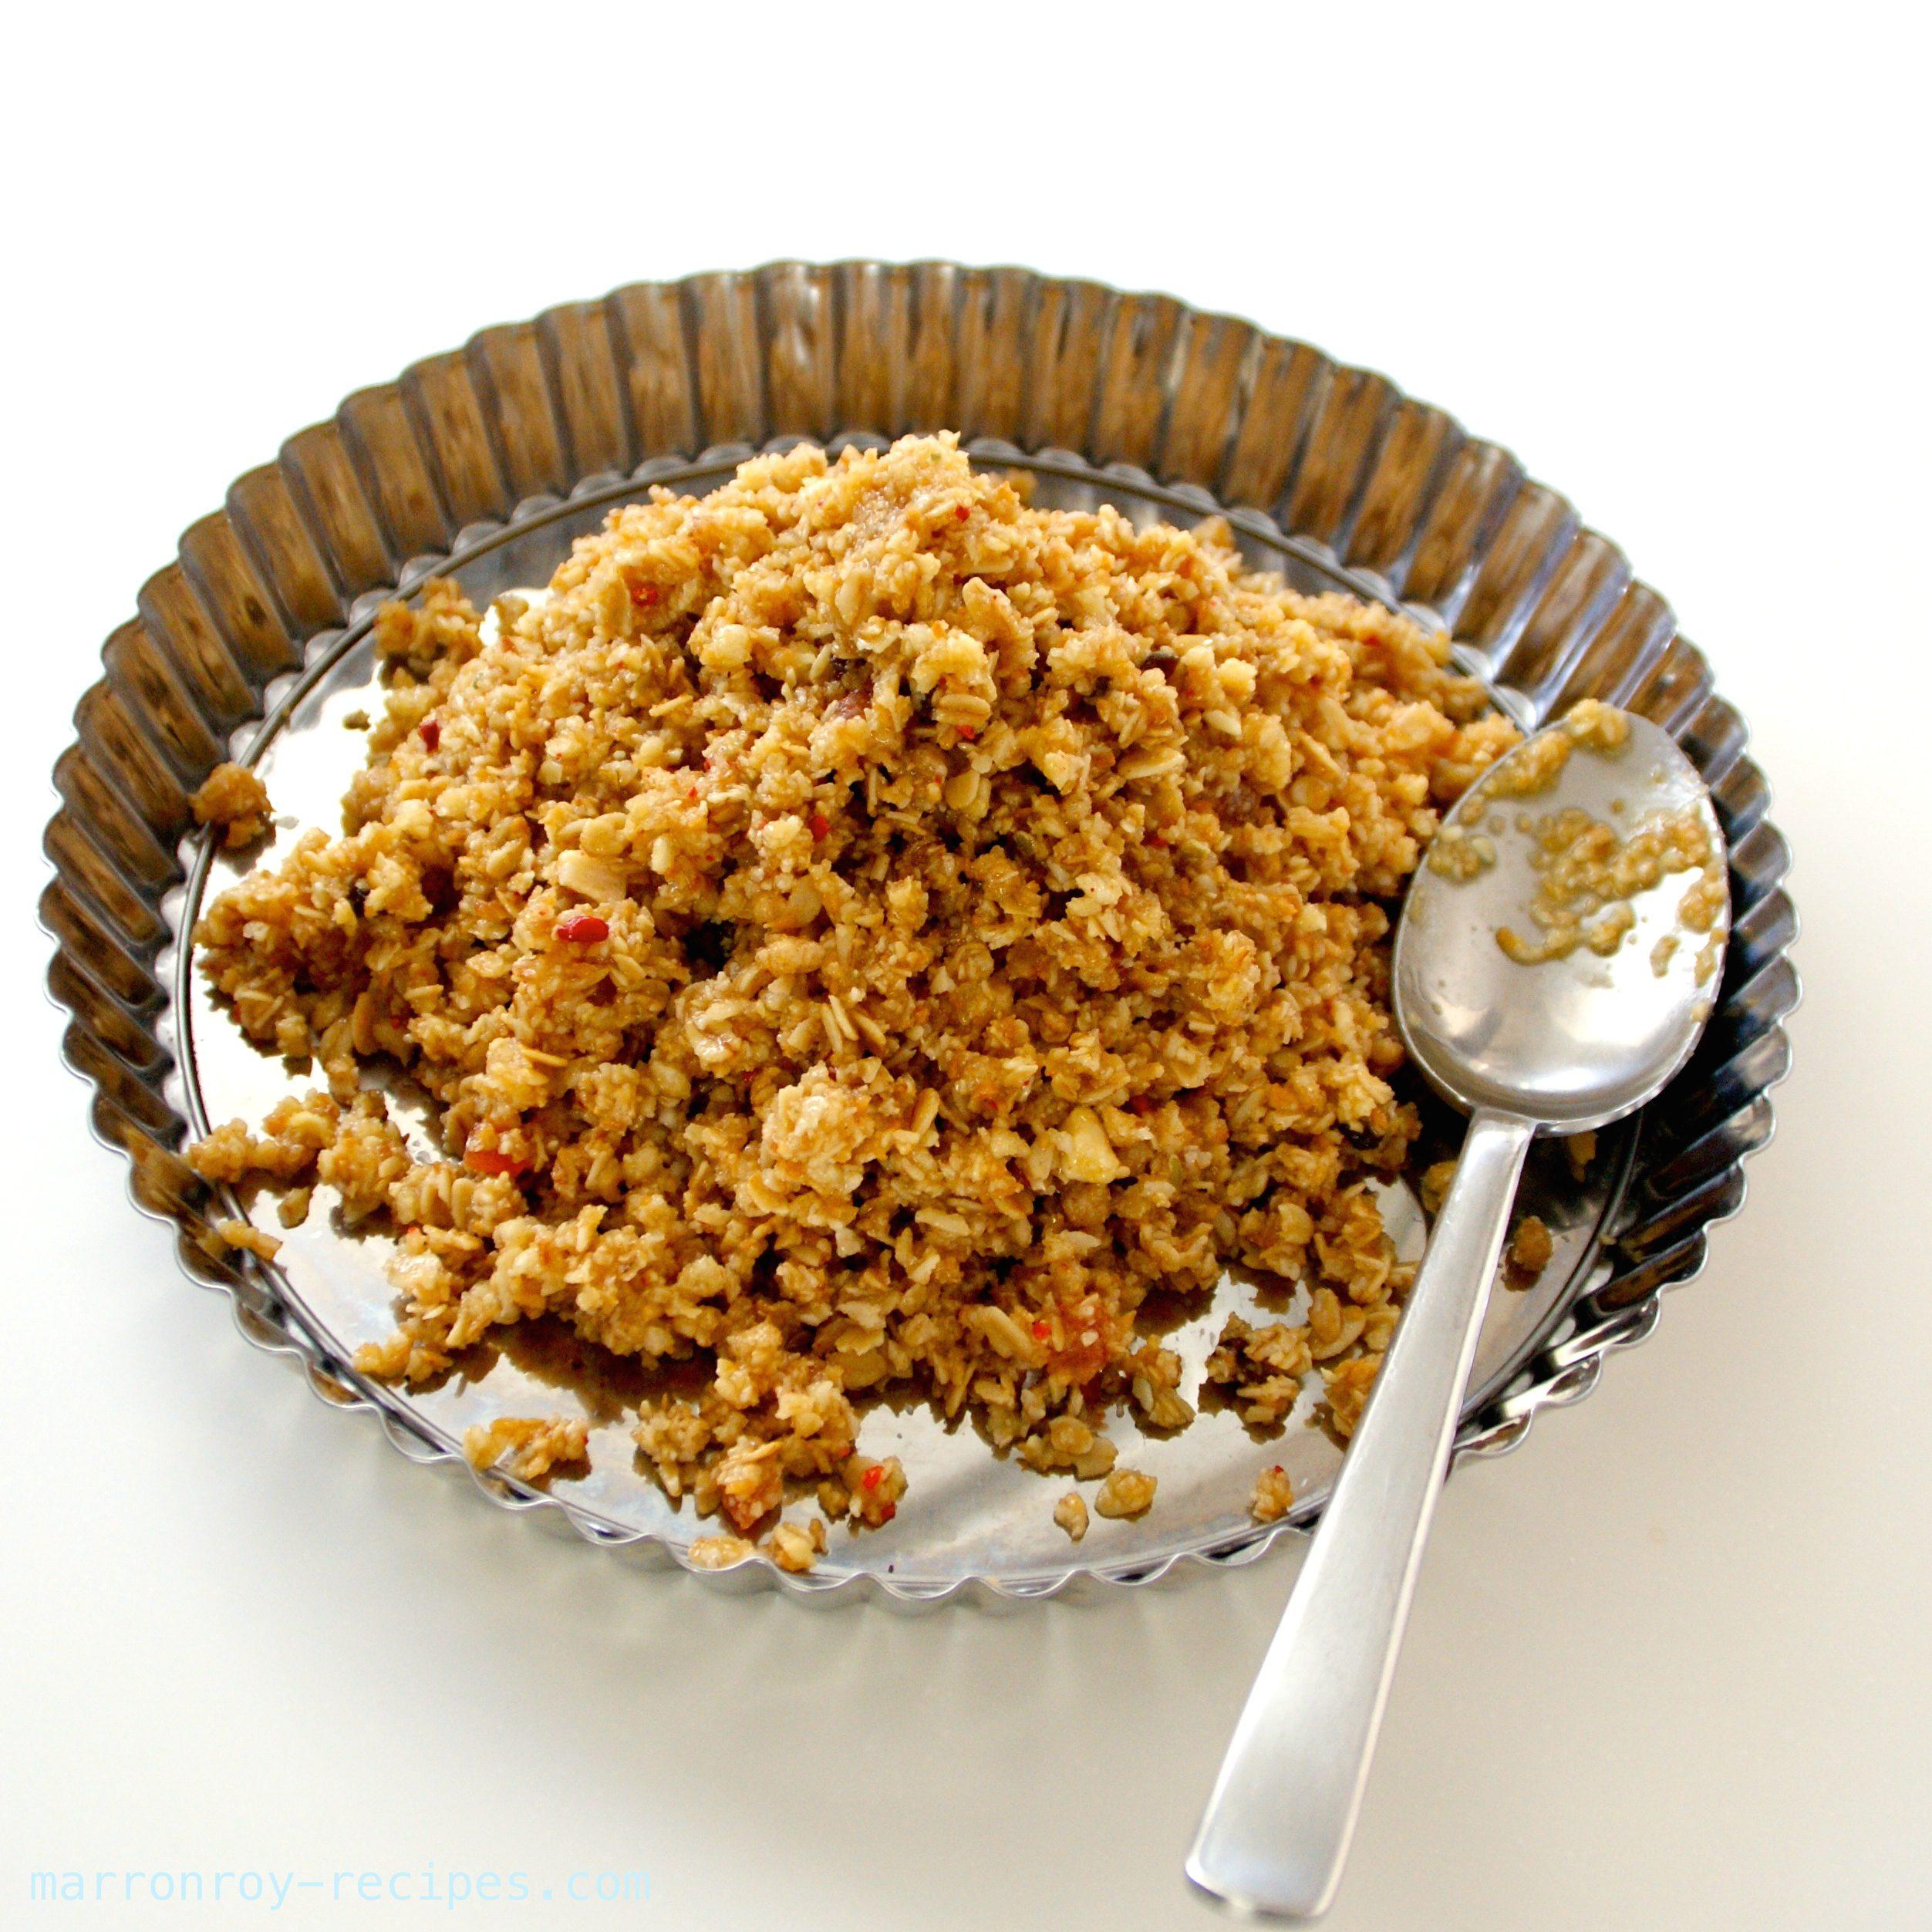 残ったフルグラ活用法!スプーンで食べる濃厚レアチーズで簡単タルト